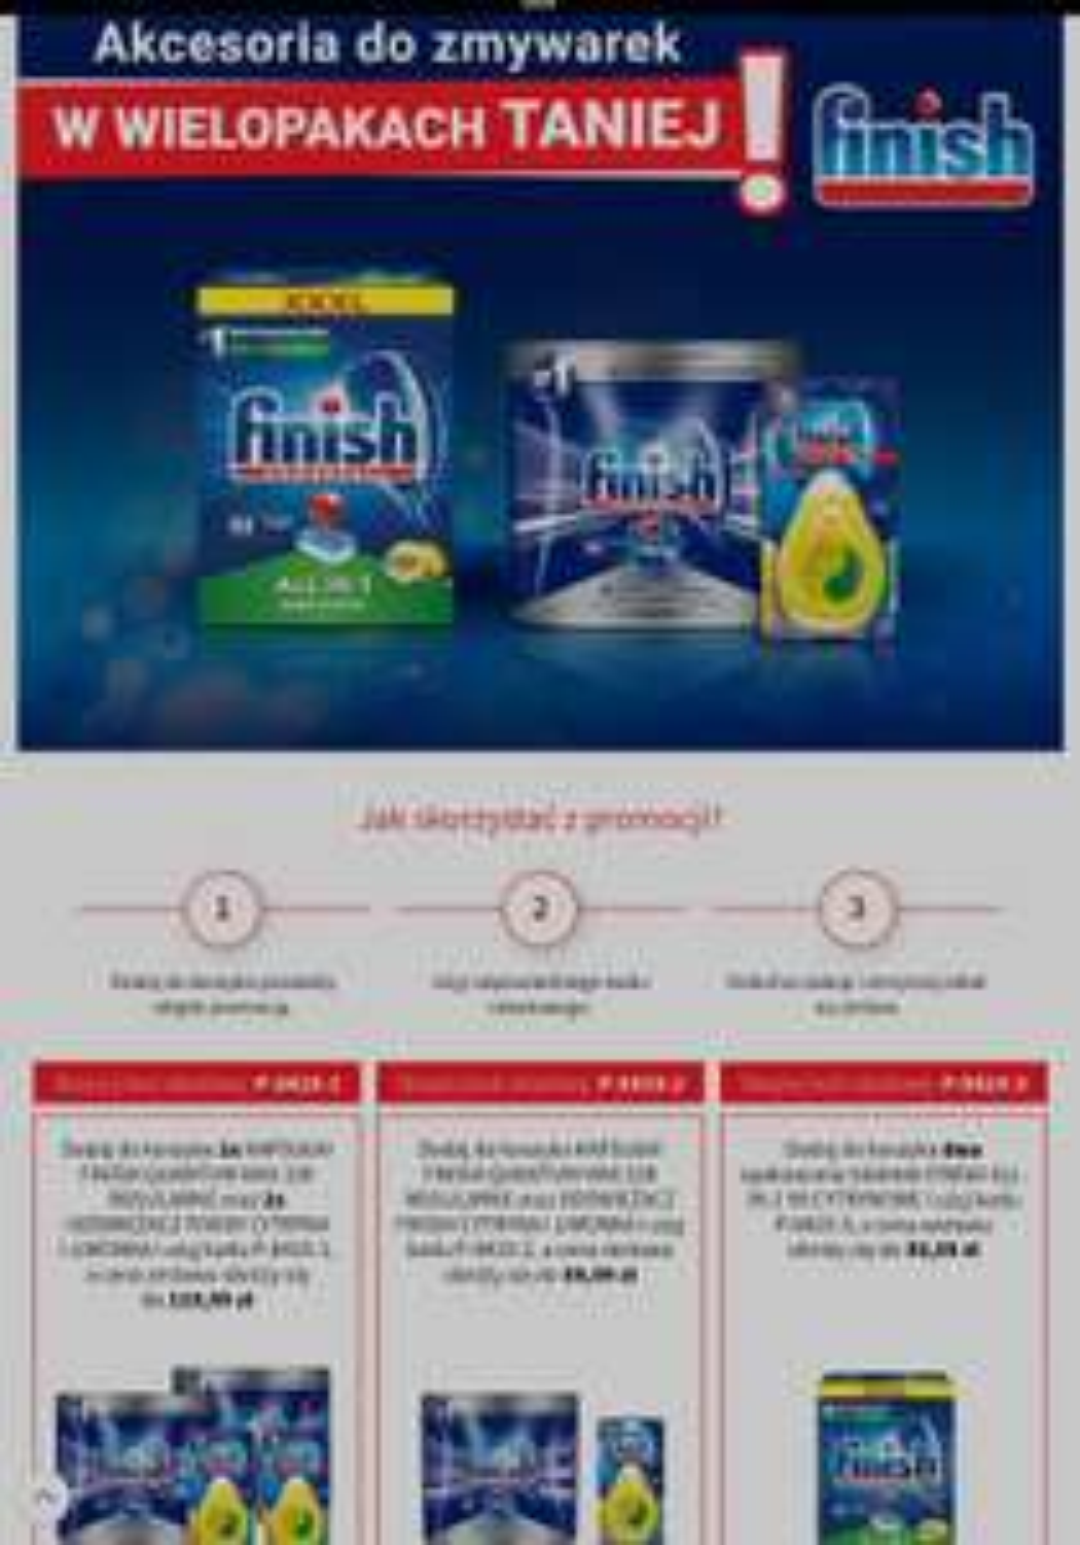 Akcesoria do zmywarek w wielopakach taniej: Finish ALL-IN-1 90 tabletek CYTRYNOWE przy zakupie 2szt